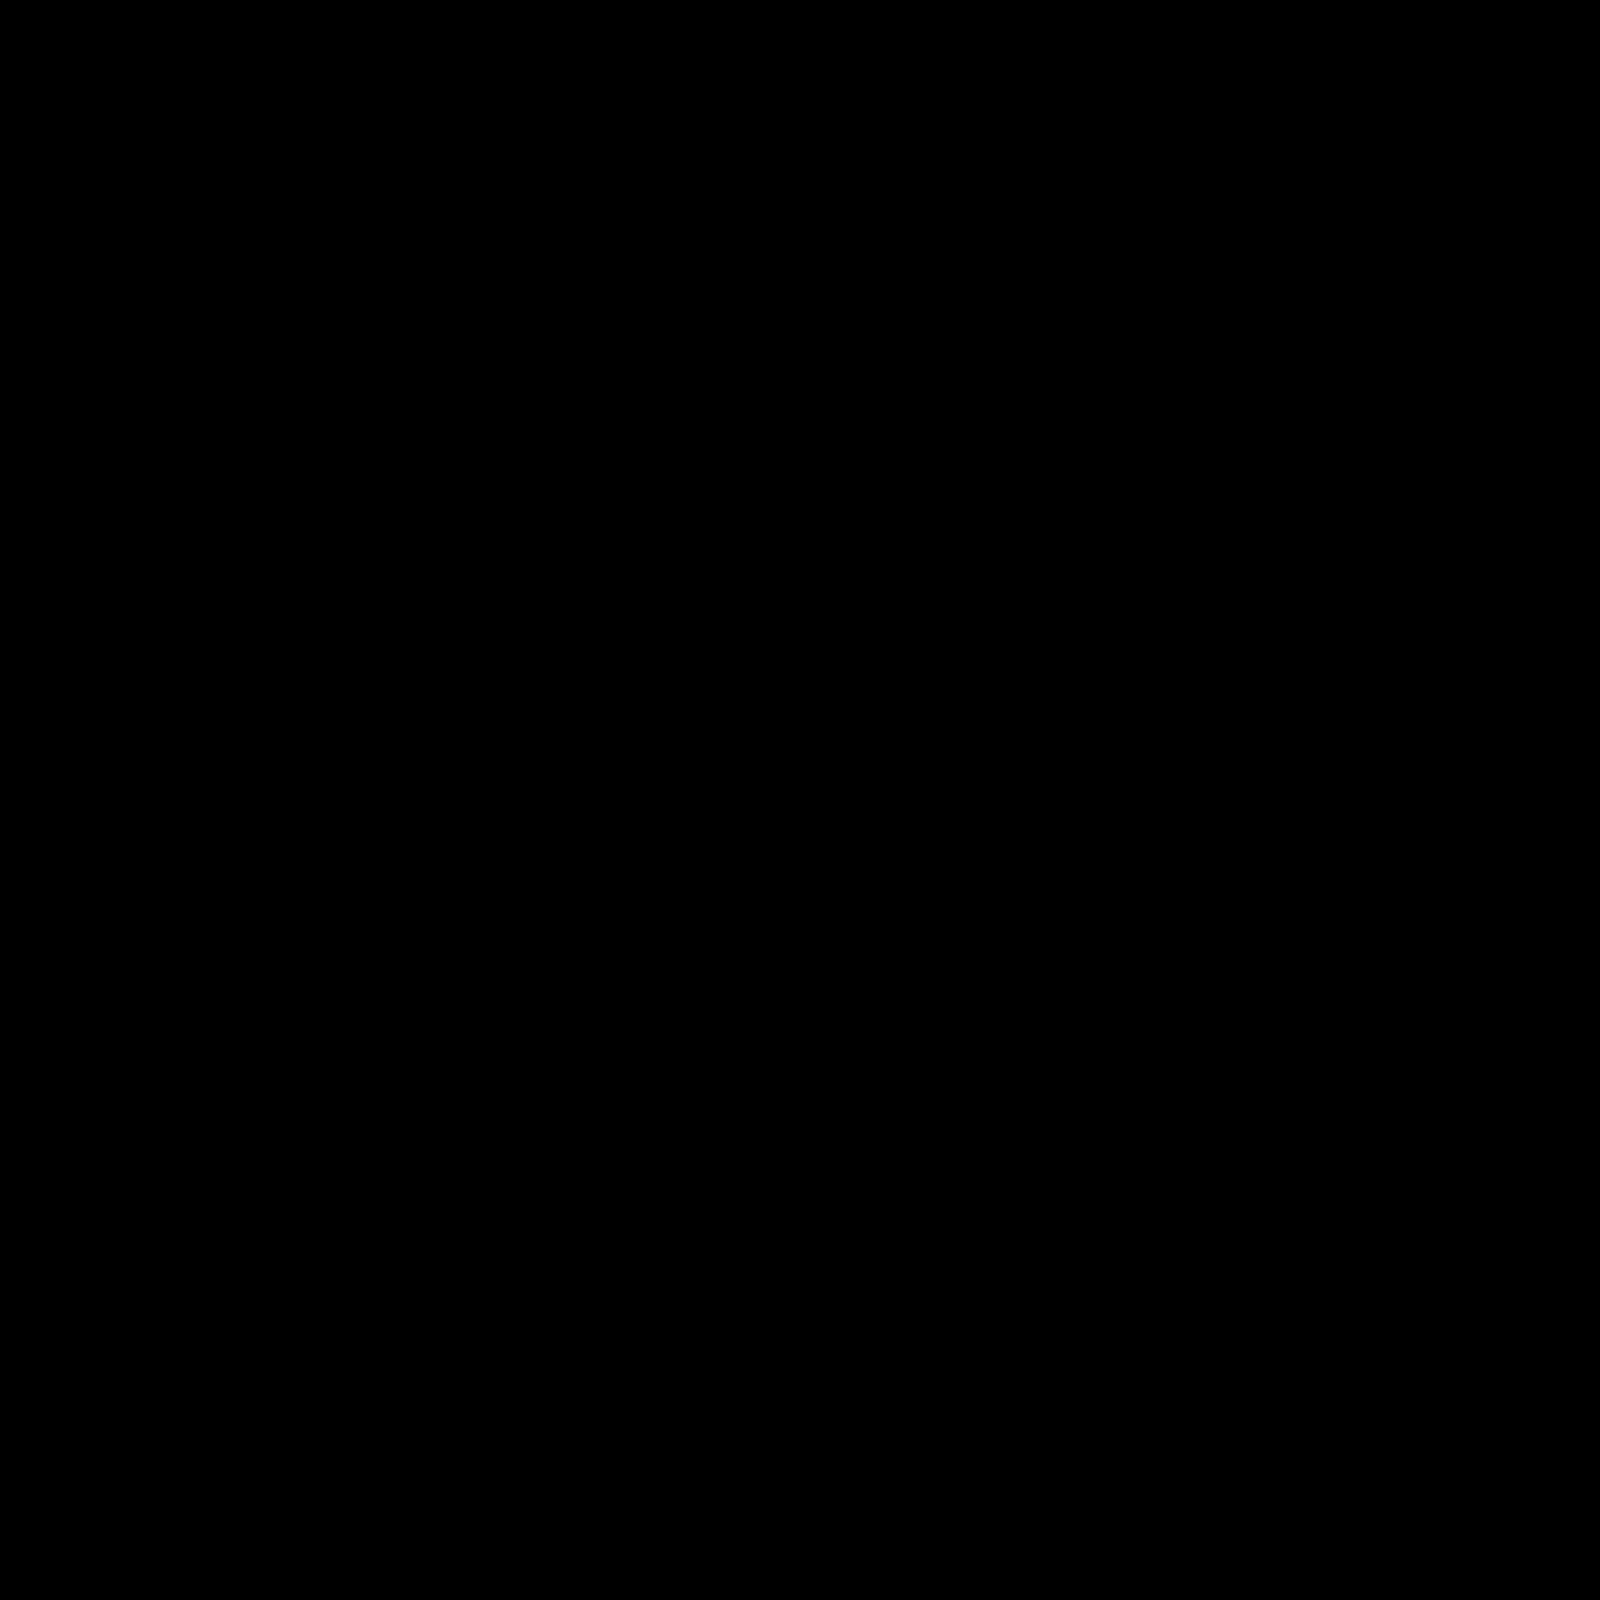 90 stopni icon